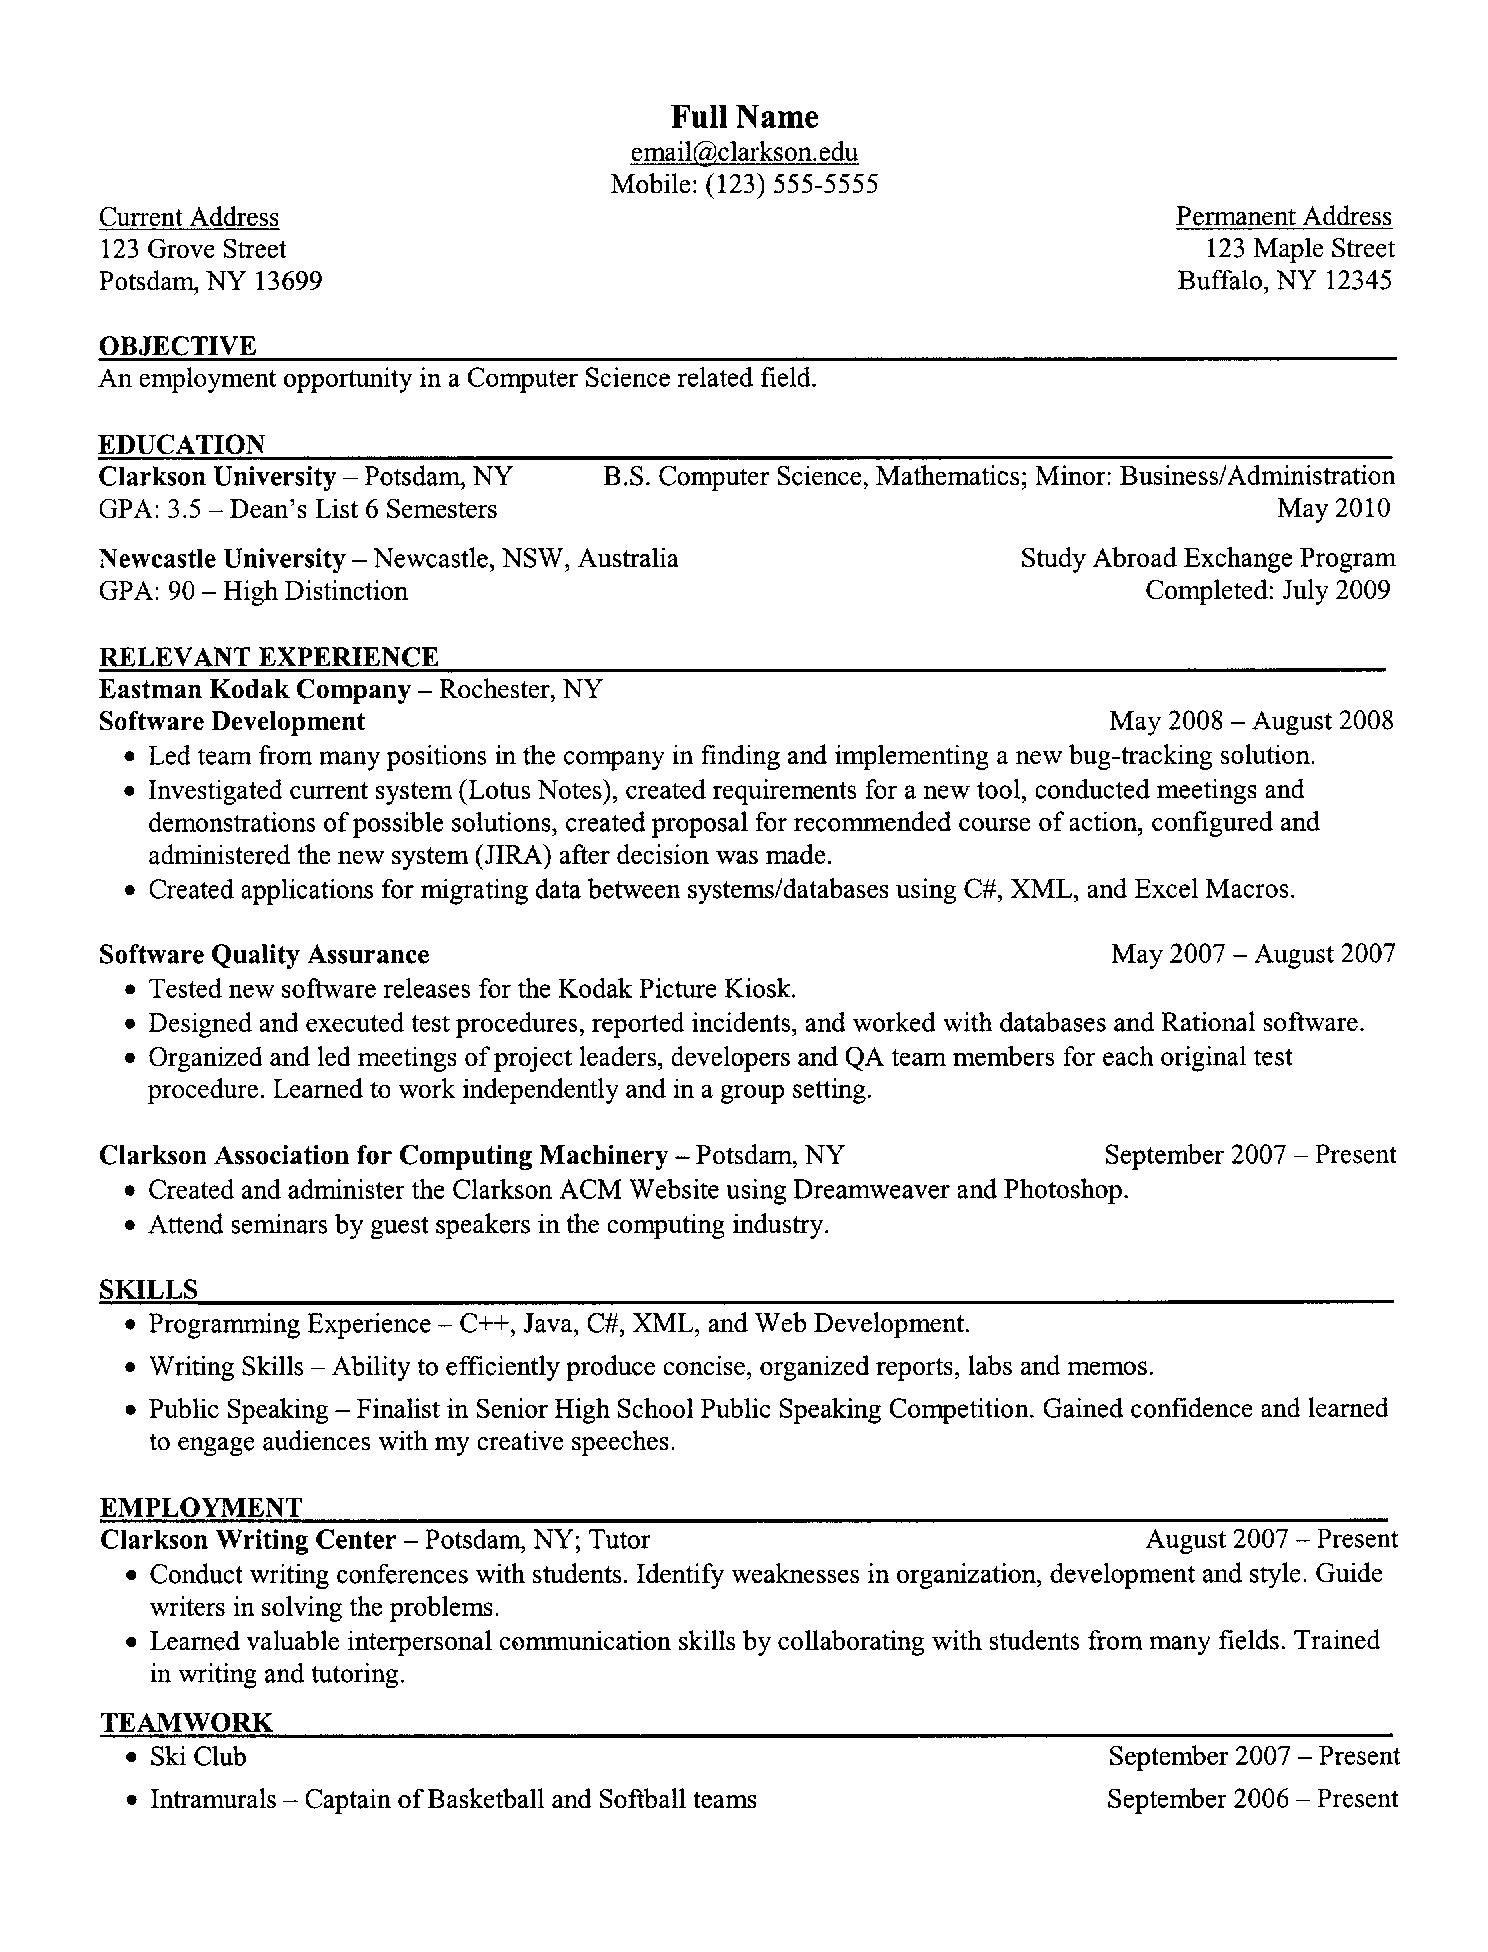 sample cover letter for biotech job